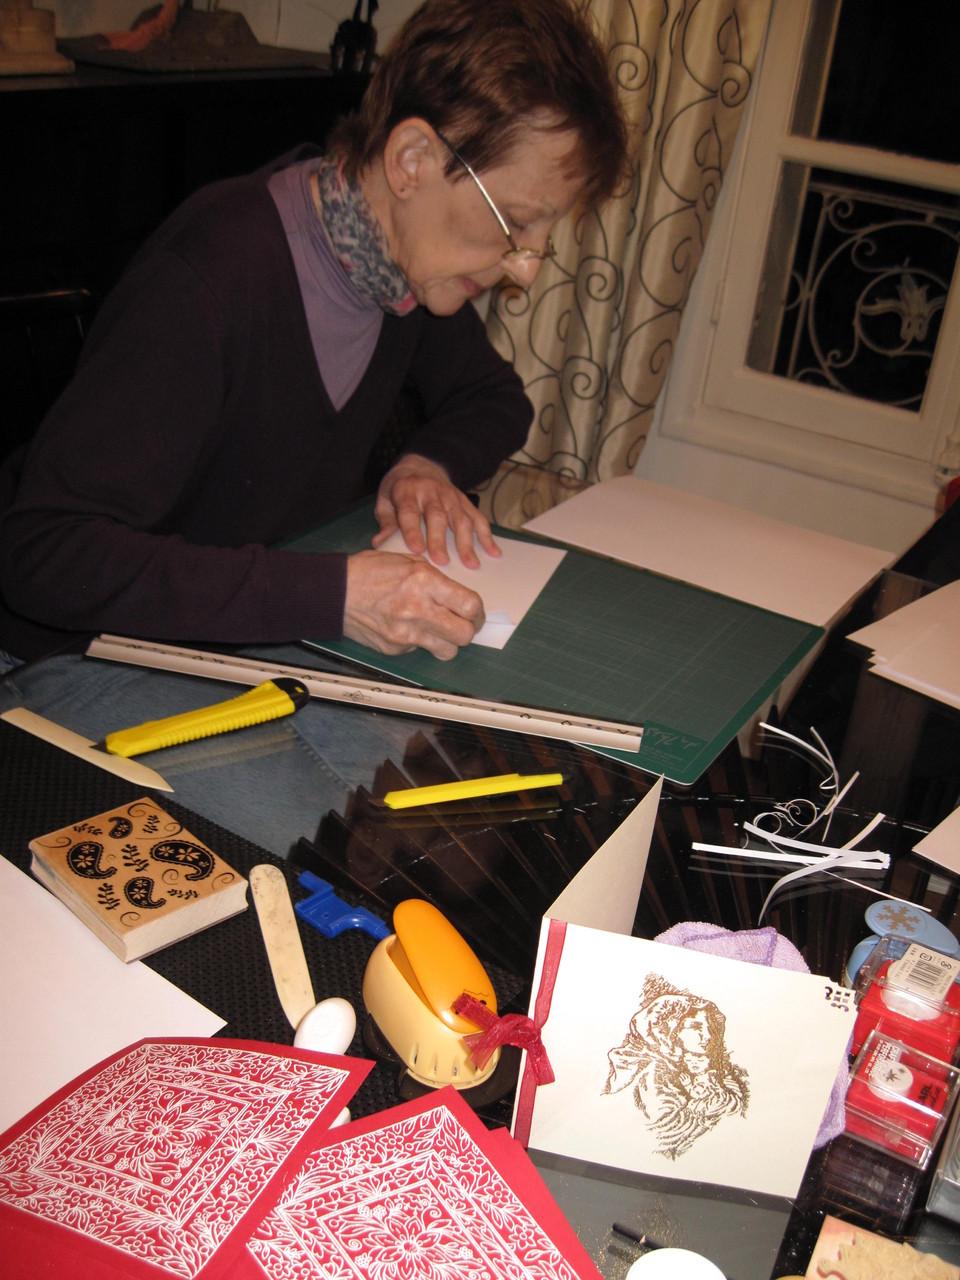 Atelier du Souffle du Sud - Création des cartes de vœux artisanales proposées à la vente